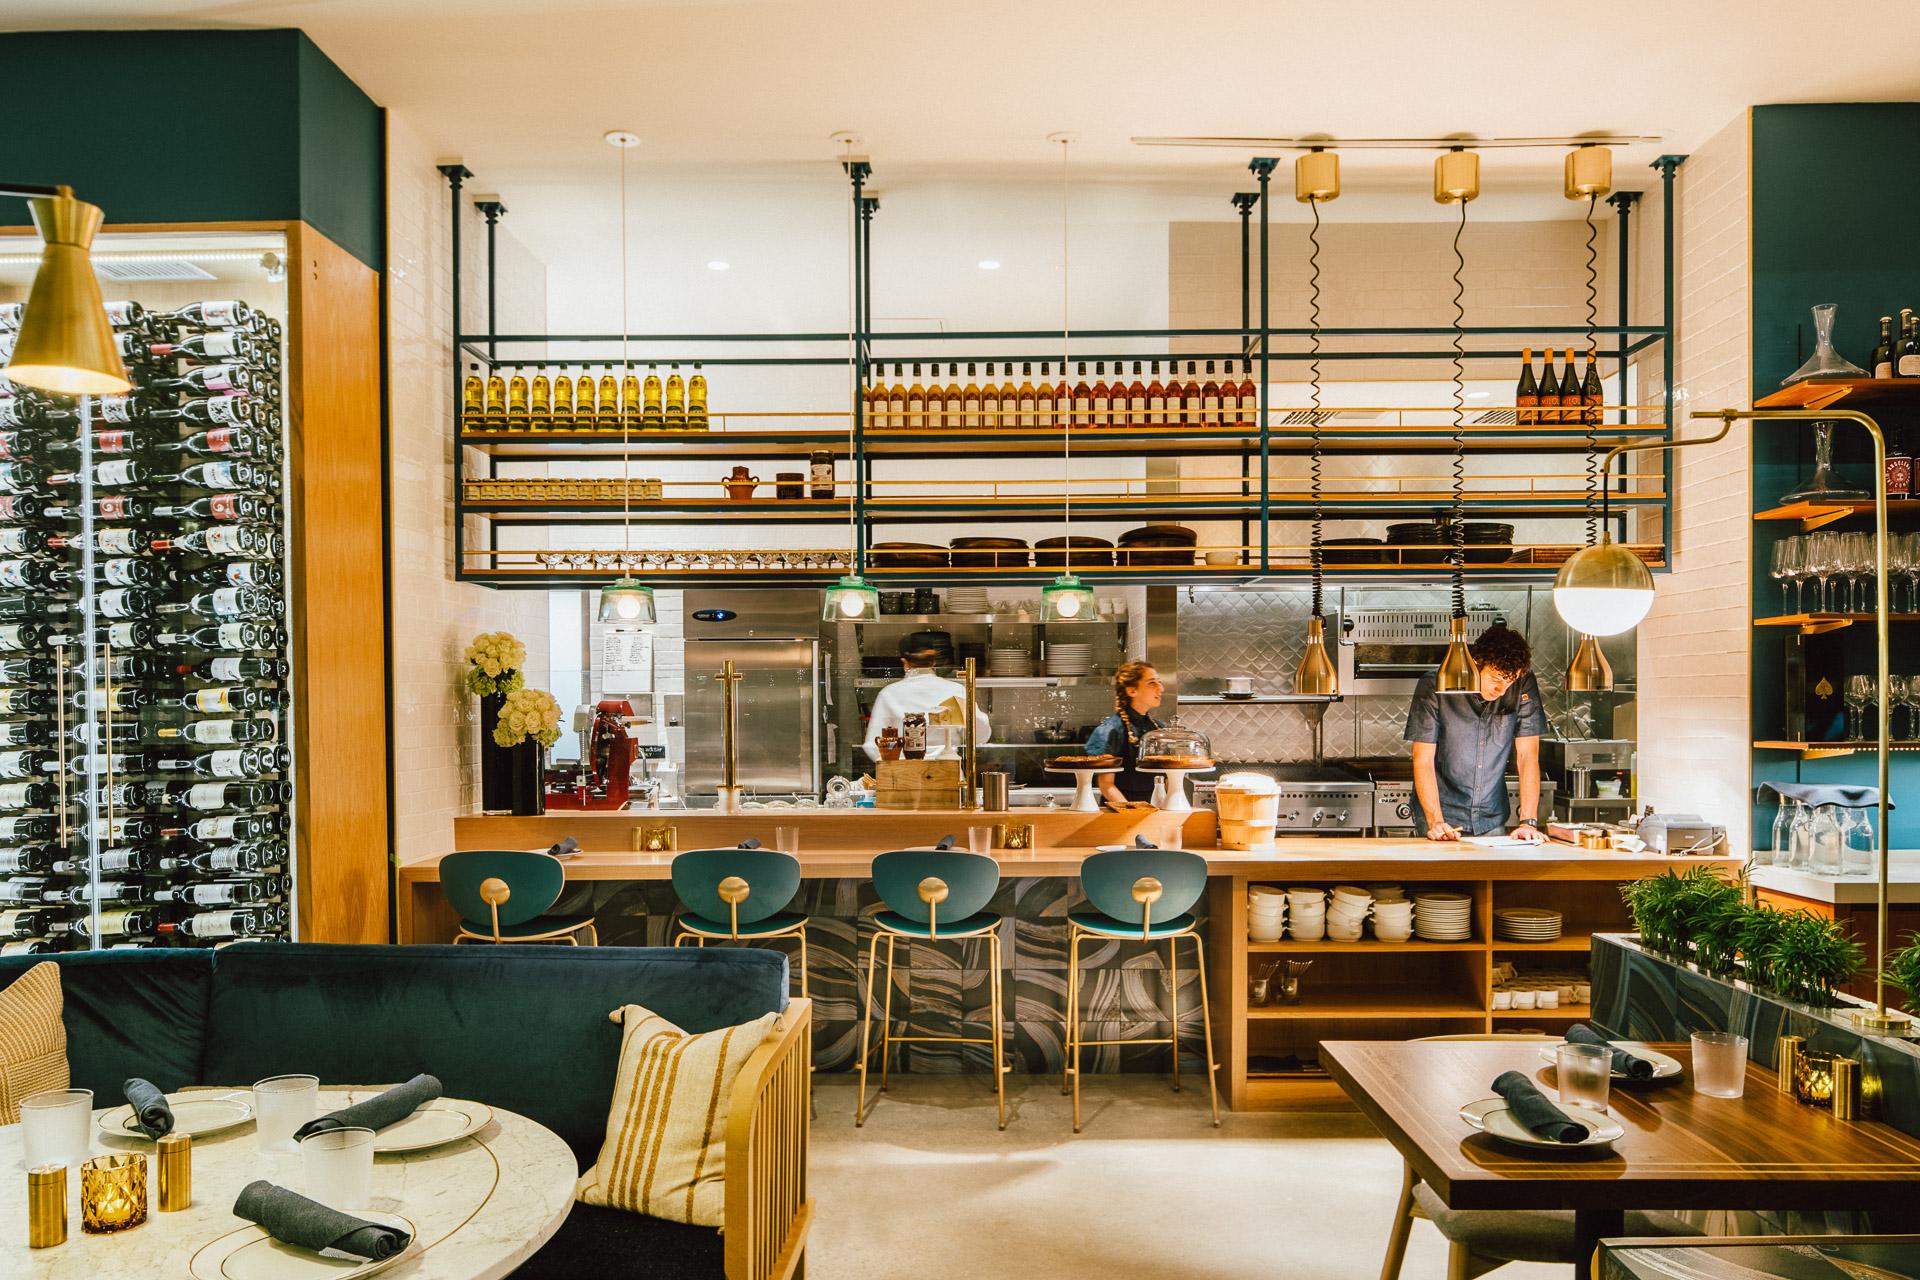 los-angeles-architectural-photographer-bistro-jolie-restaurant-4.jpg